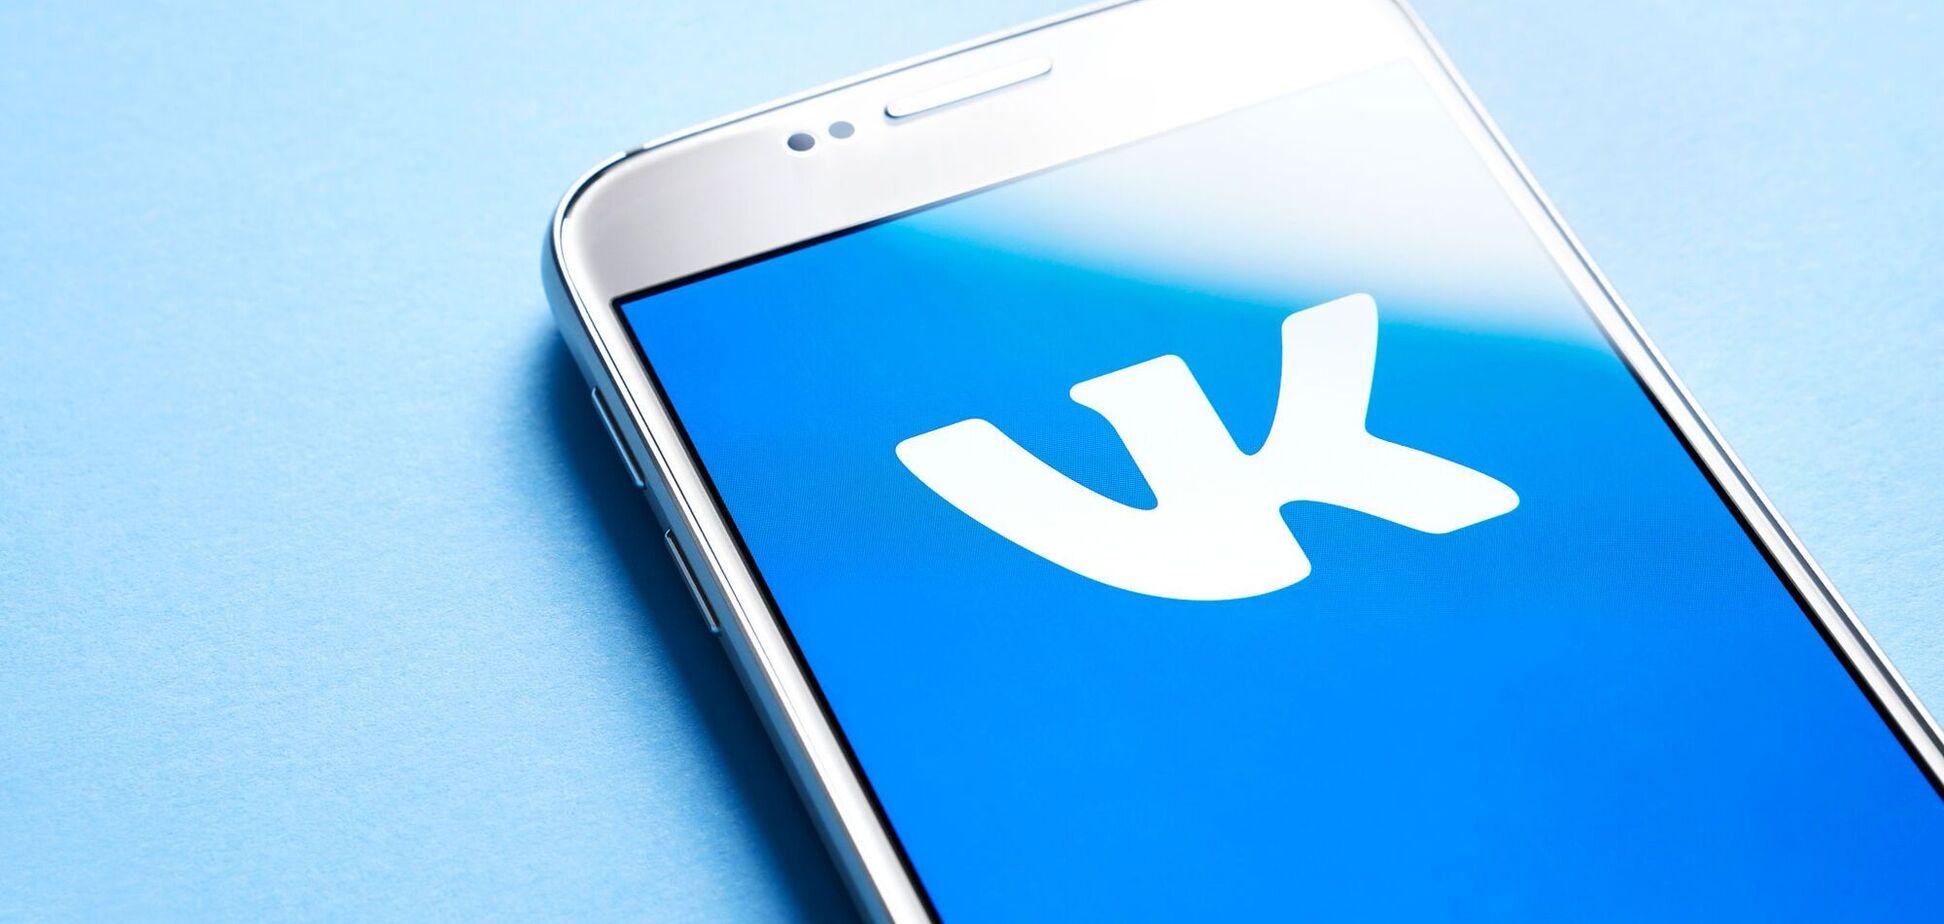 СНБО предупредила об ответственности за использование ВКонтакте